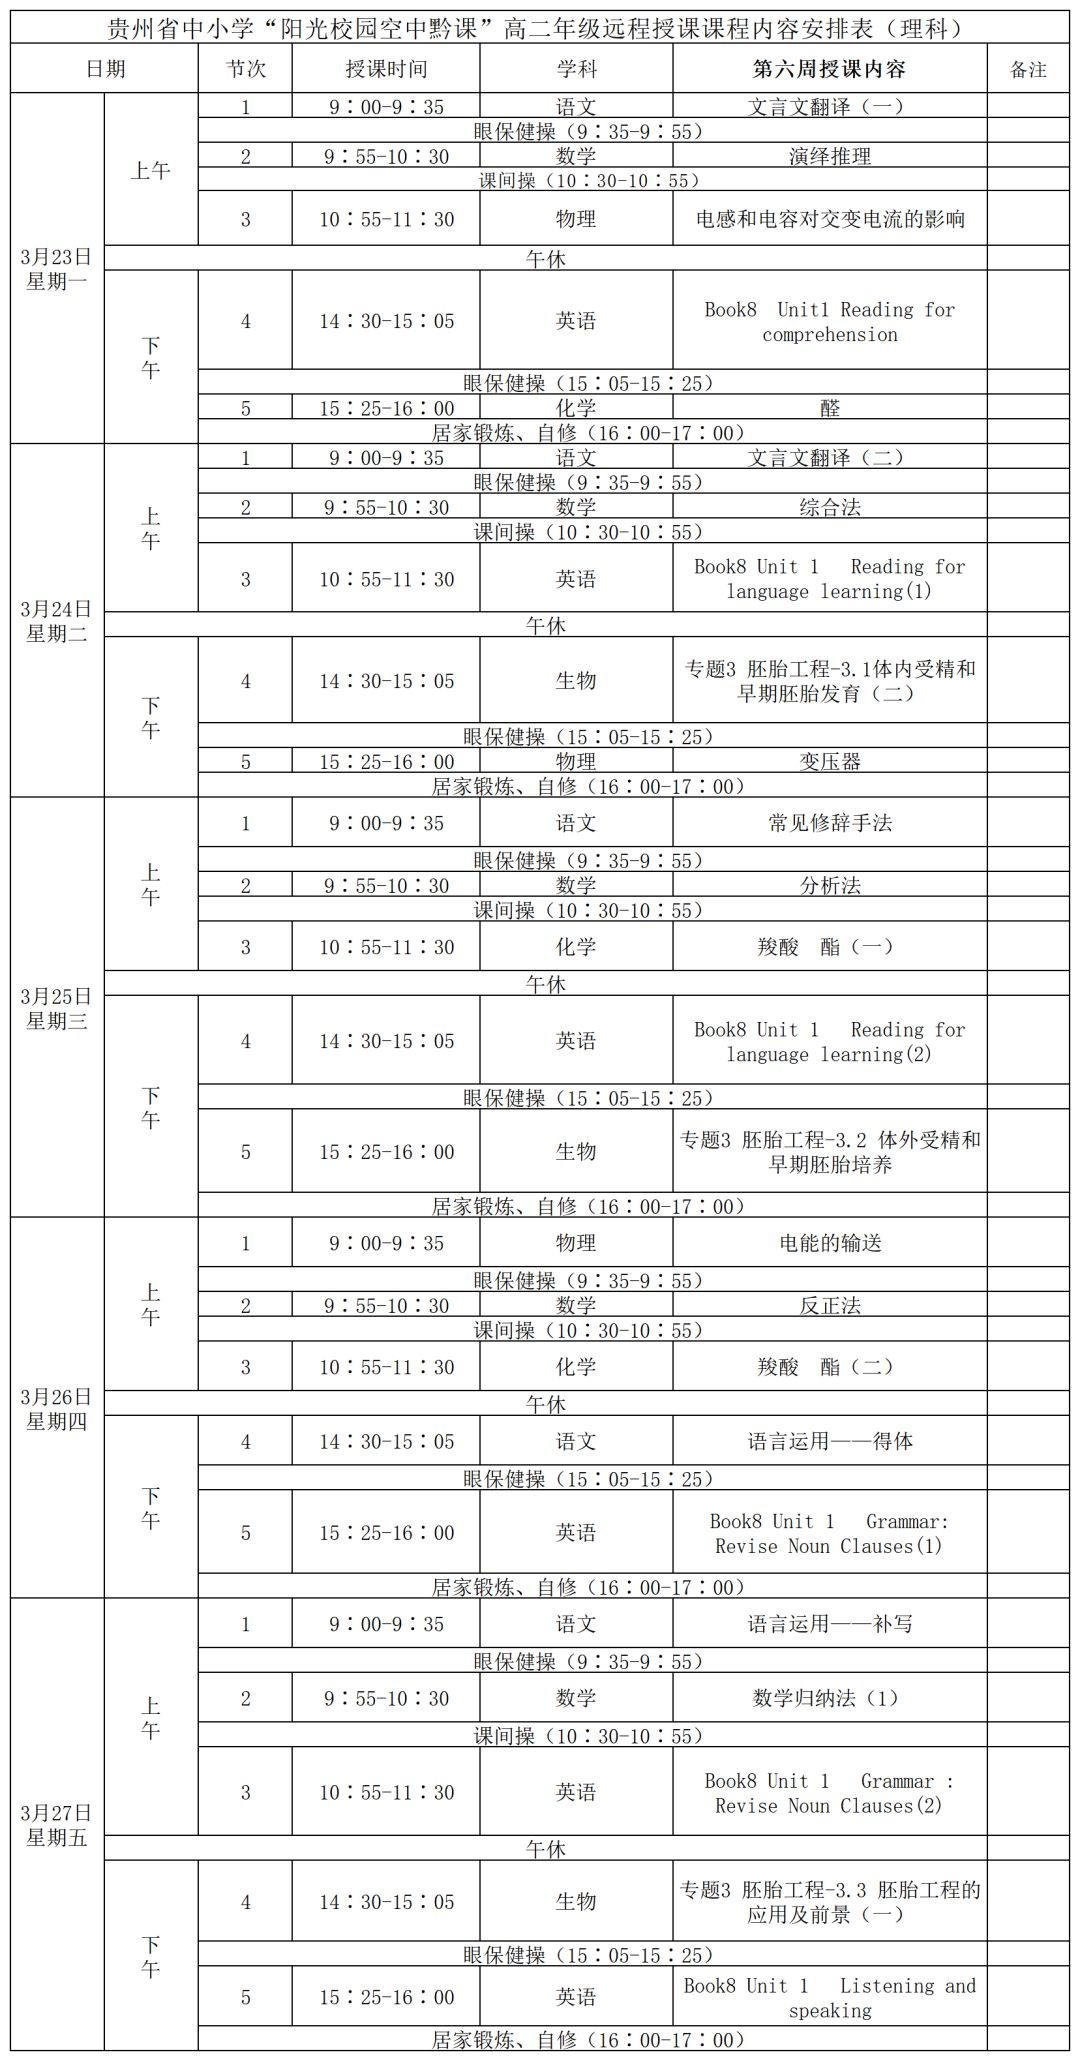 """贵州""""阳光校园·空中黔课""""3月23至28日课表新鲜出炉图2"""